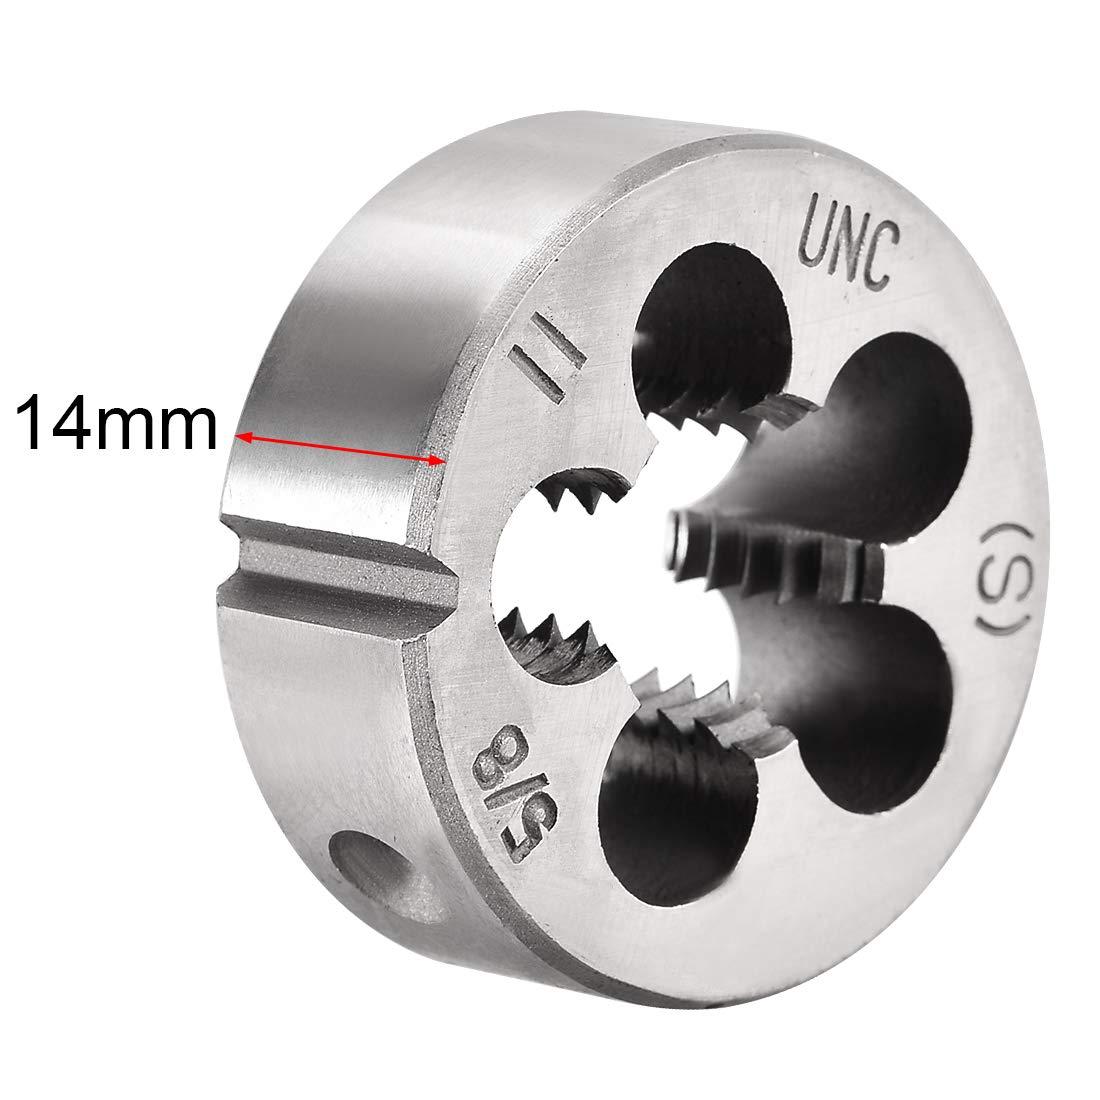 HSS uxcell 2 Pcs 5//8-11 UNC Right Hand Round Die Machine Thread Die High Speed Steel Screw Die Tool Threading Die